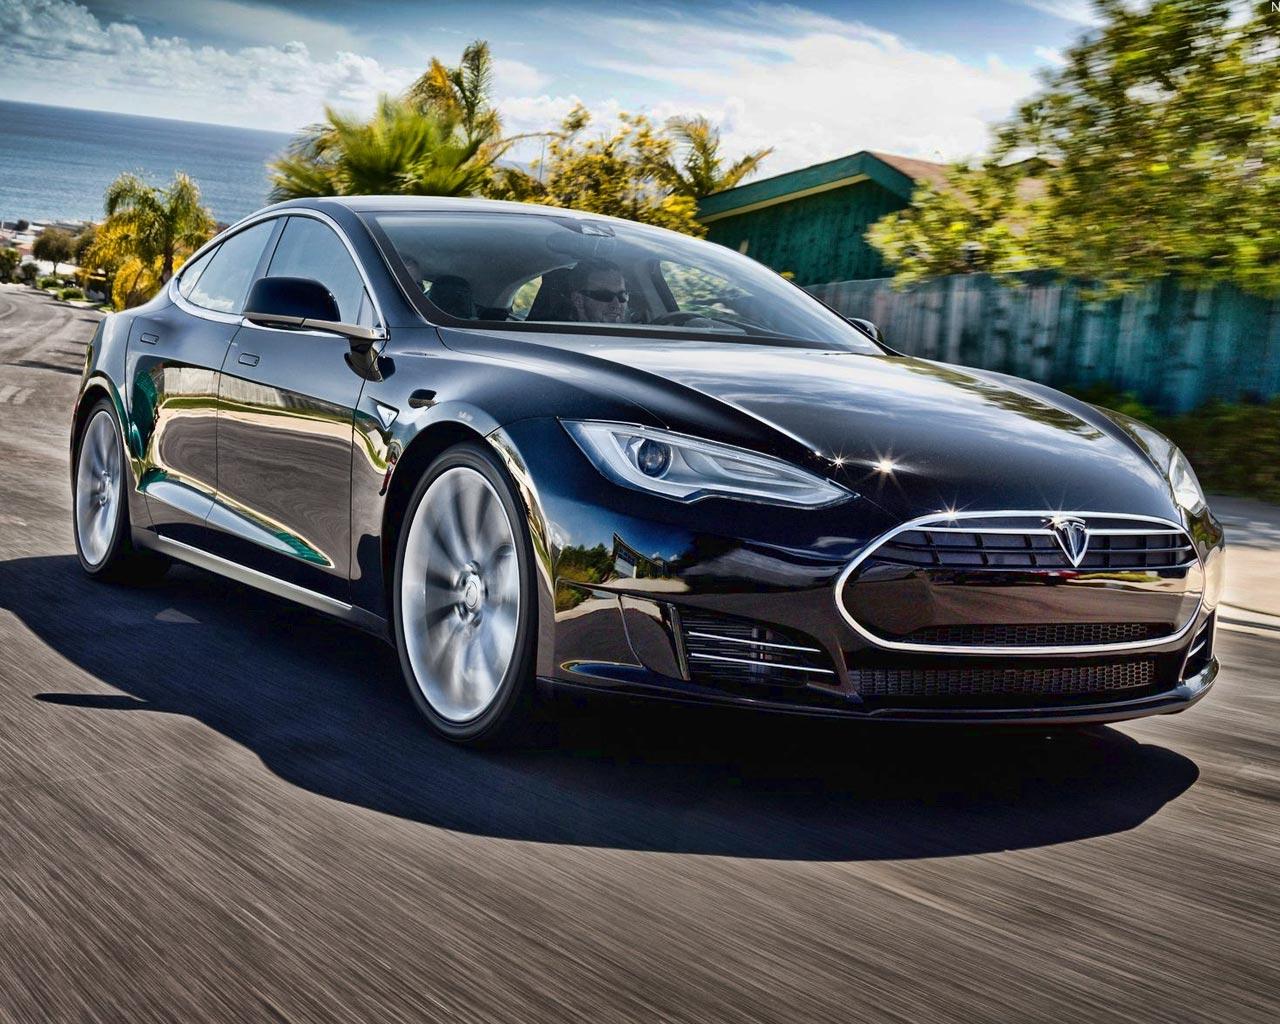 Electric Car Tesla X Price In India